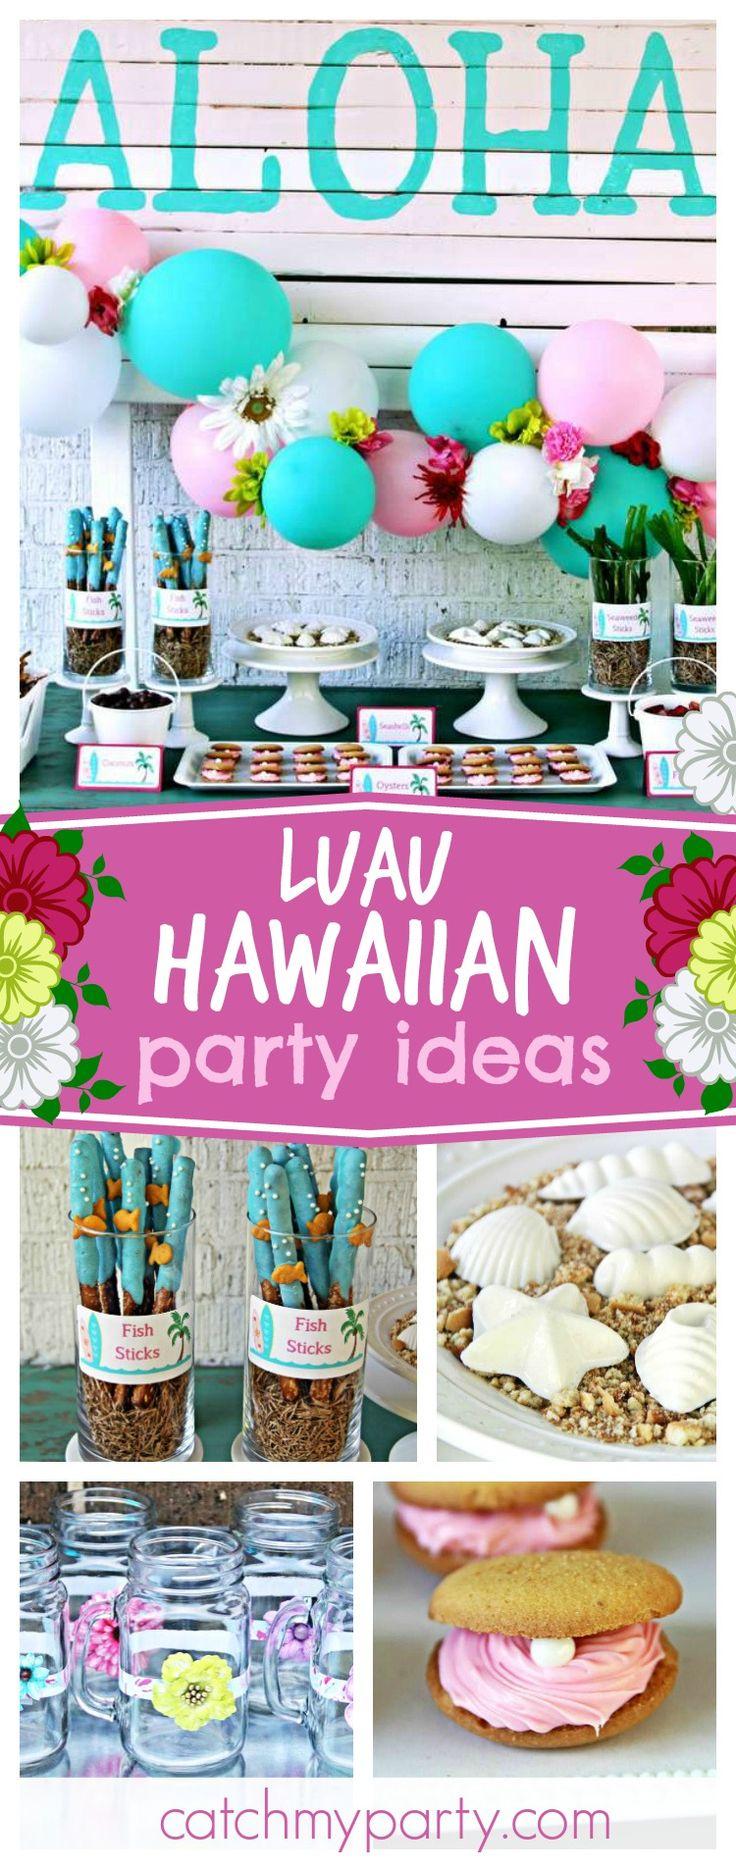 die besten 25 luau party einladungen ideen auf pinterest hawaiianische einladungen luau. Black Bedroom Furniture Sets. Home Design Ideas